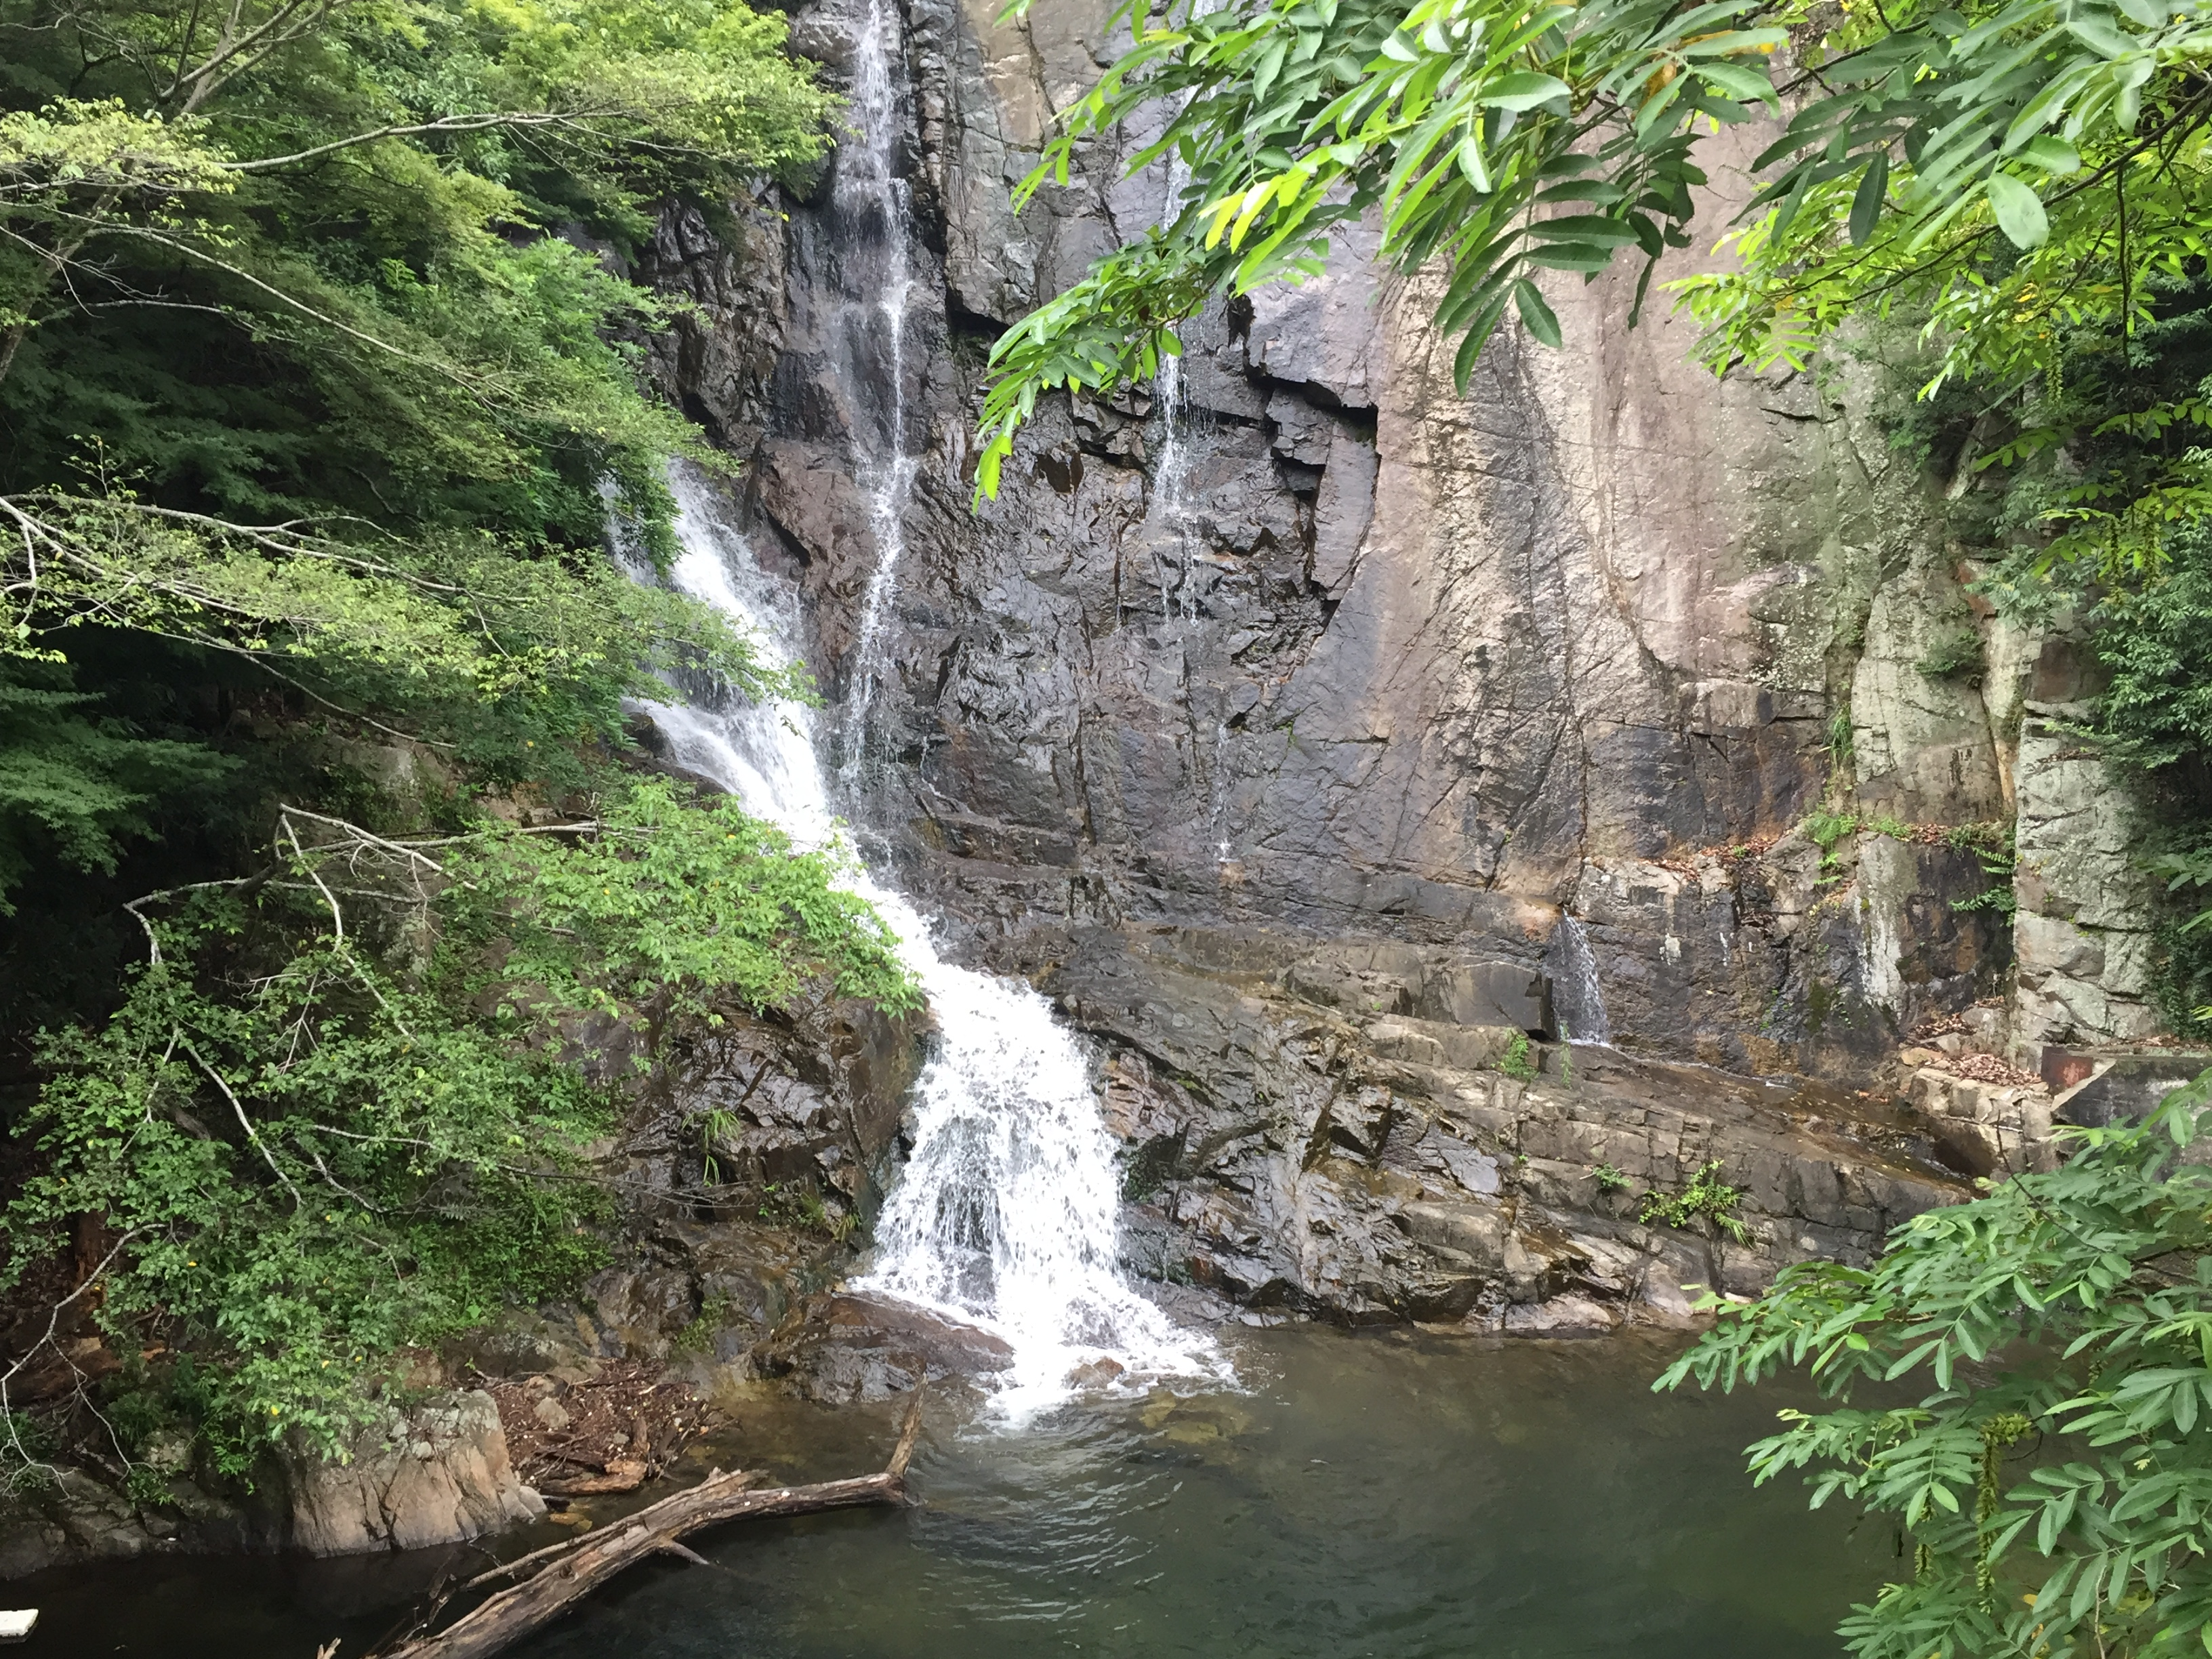 新神戸にある「布引の滝」と「布引貯水池」はハイキング散策にピッタリだよ【※写真付レポ】 #布引の滝